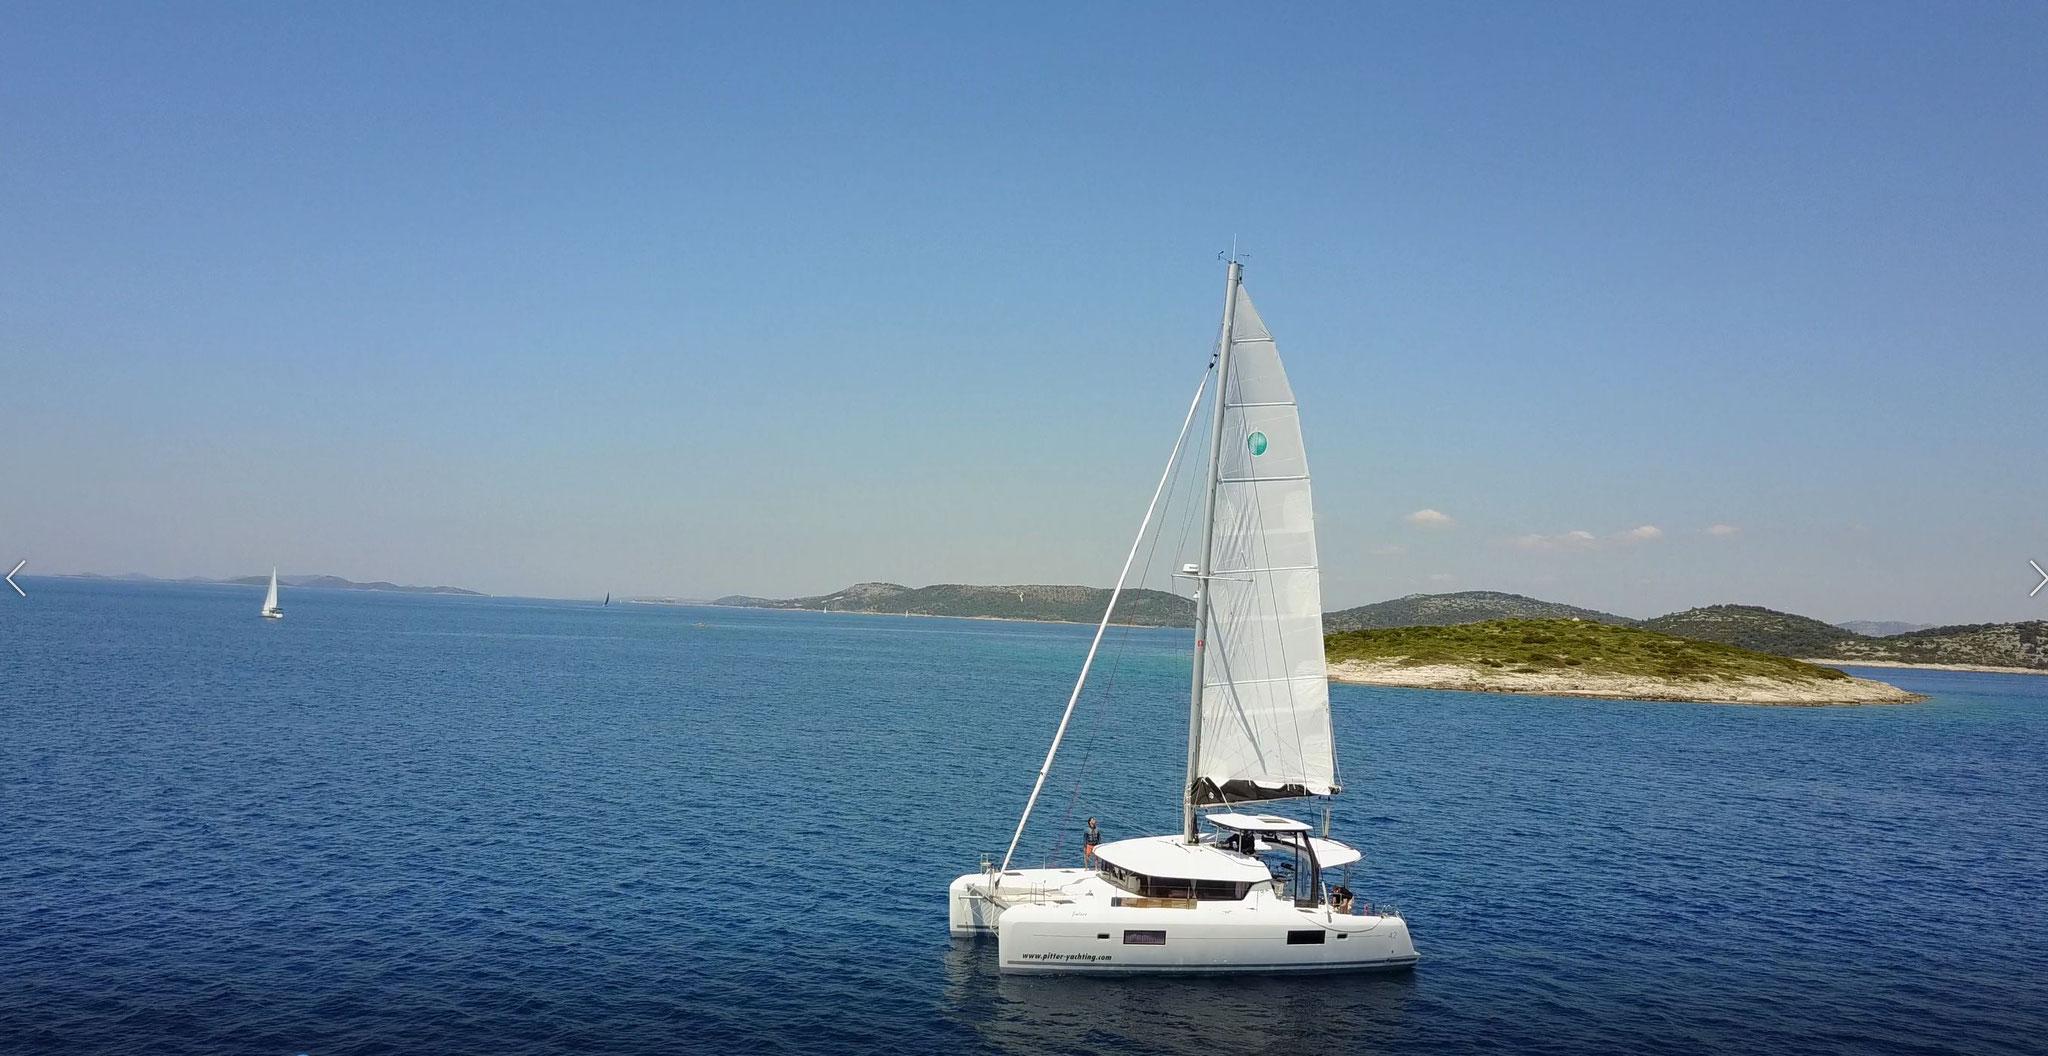 Katamaran Reisen als Segeltörn durch den Mittelmeer und über den Atlantik - www.katamarantraum.com